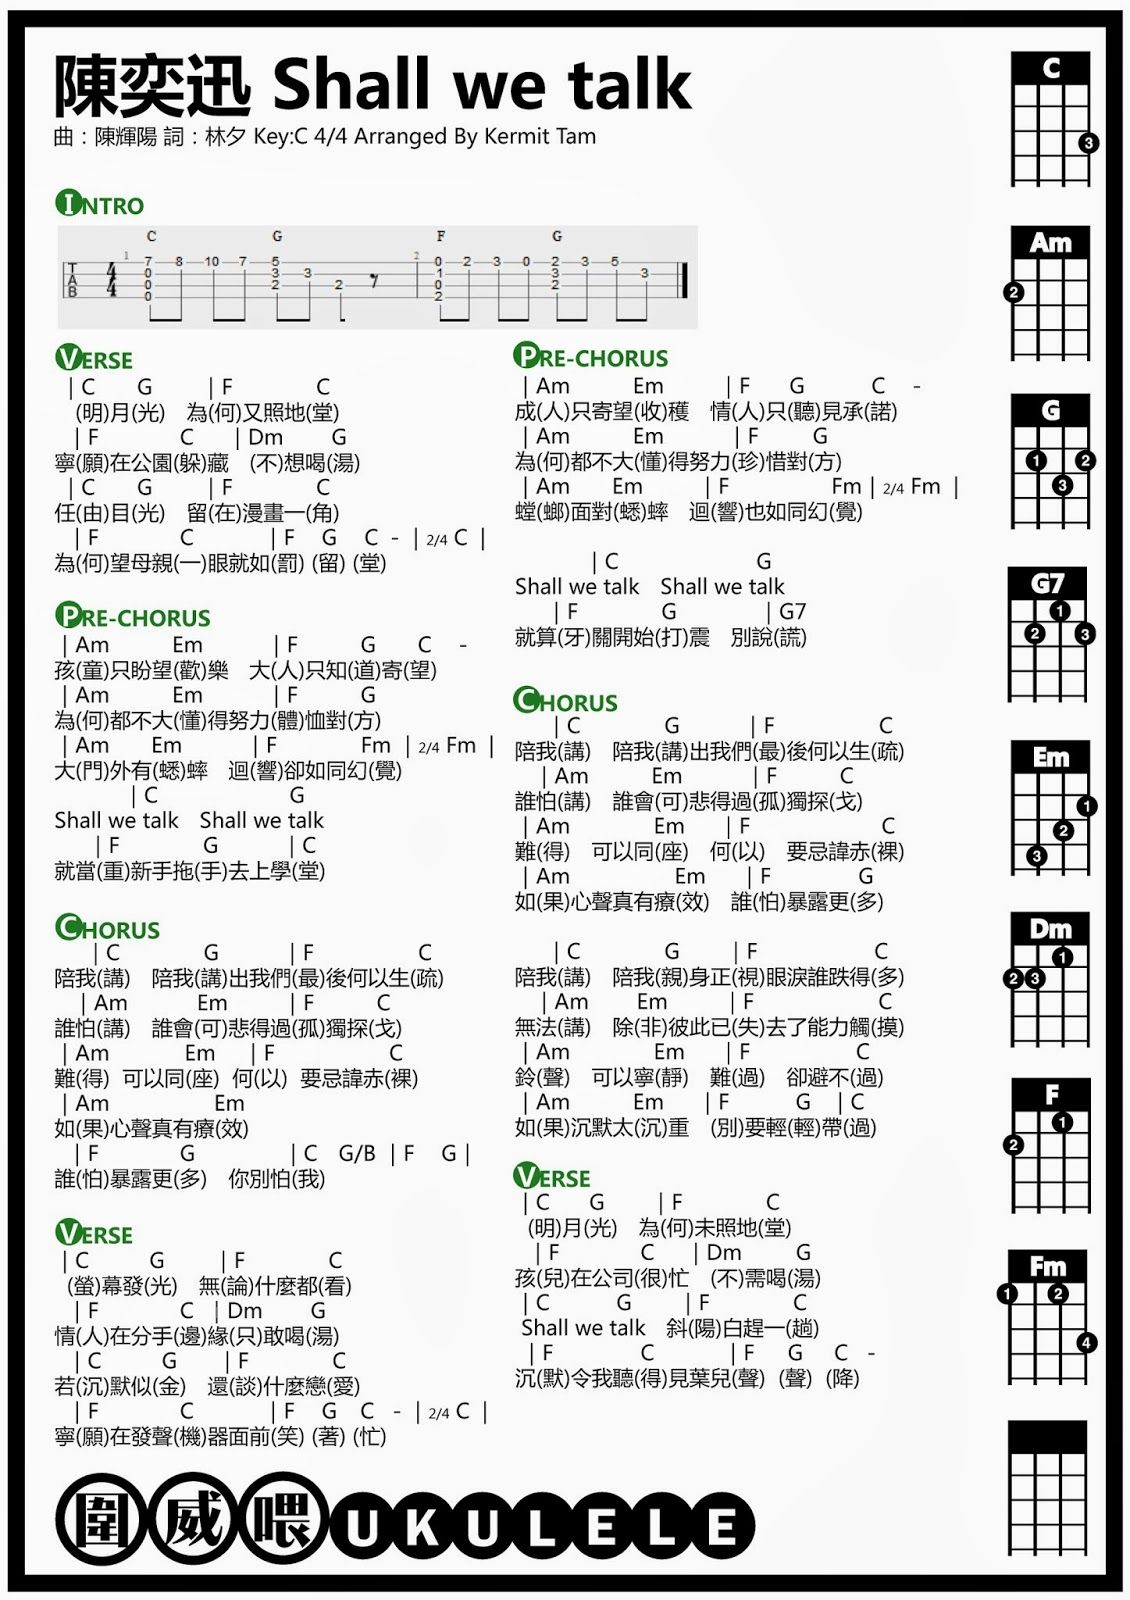 ukulele shall we talk ukulele chord cover ukulele shall we talk ukulele chord cover hexwebz Image collections